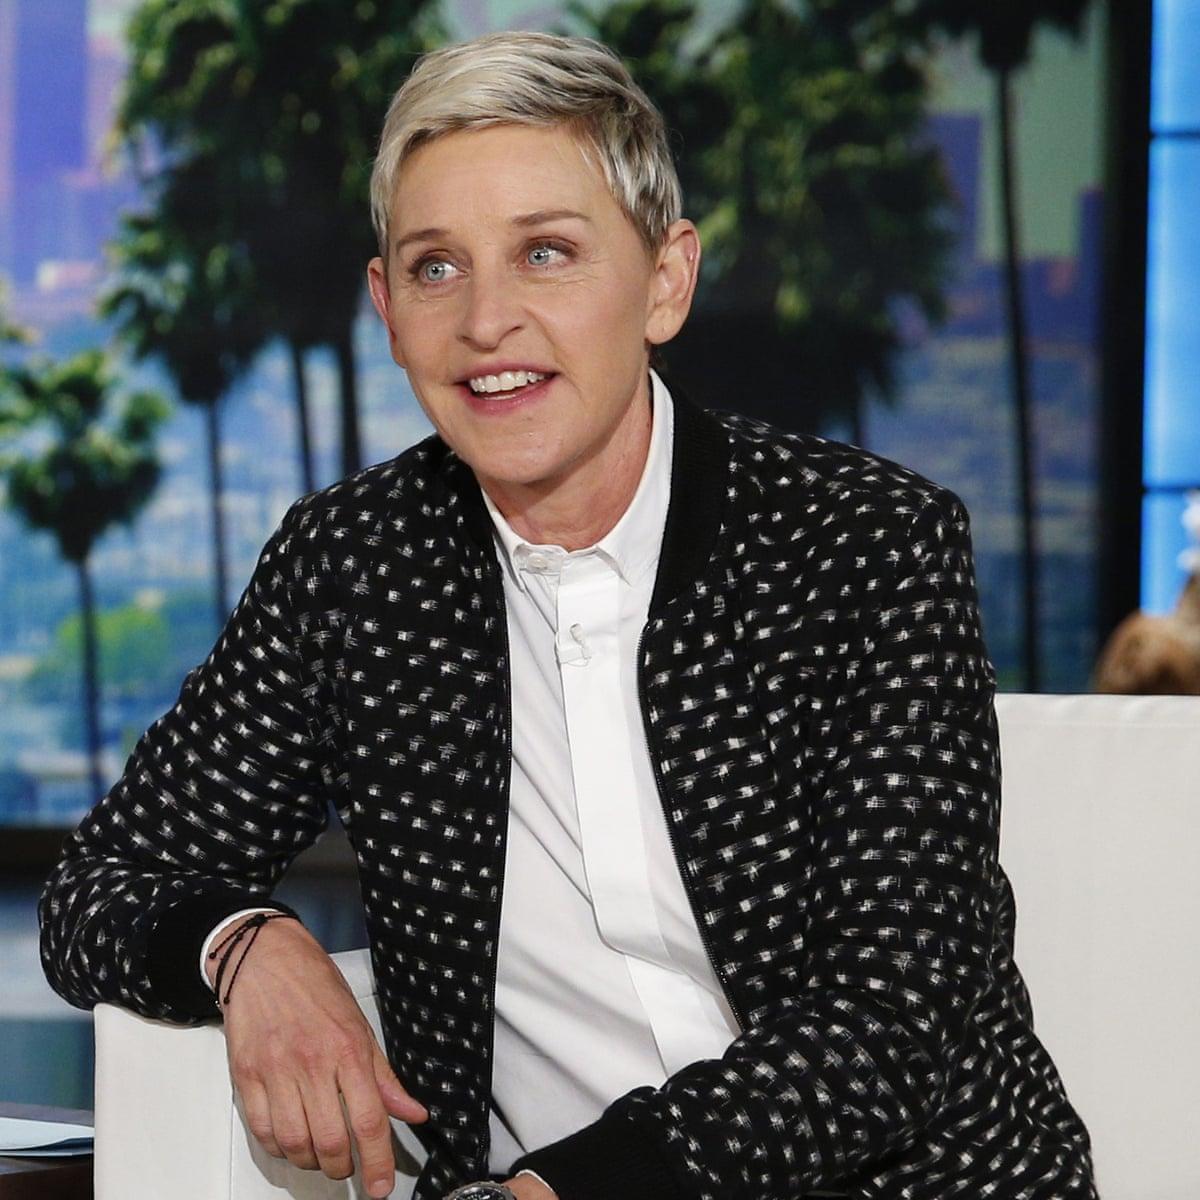 Ellen DeGeneres to end TV show next year | Ellen DeGeneres | The Guardian